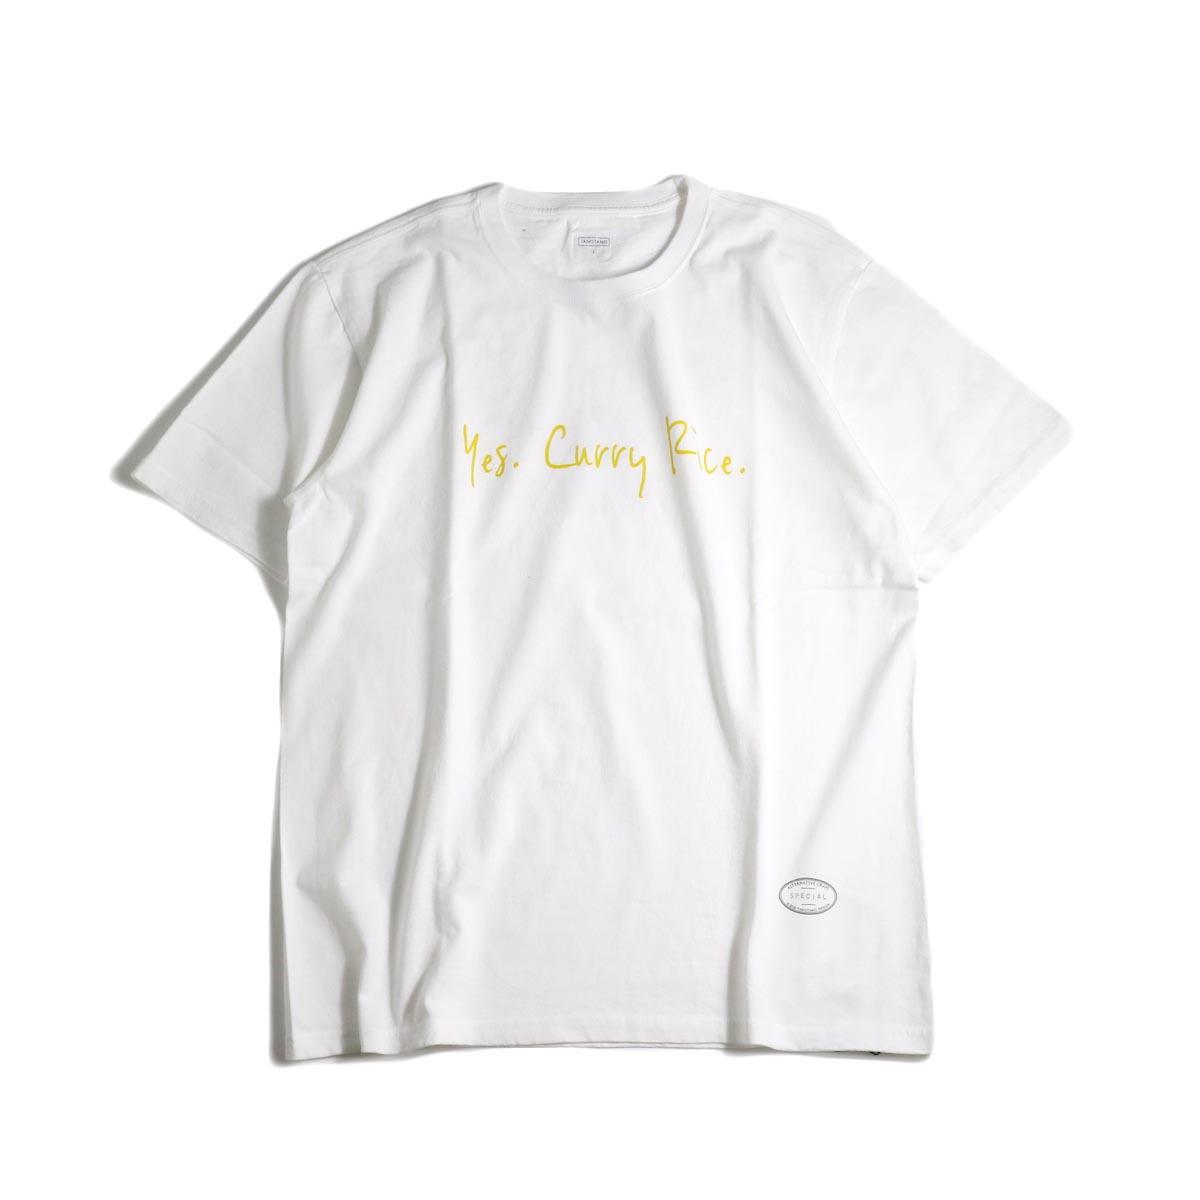 TANGTANG / CURRY -HANDWRITE (White)